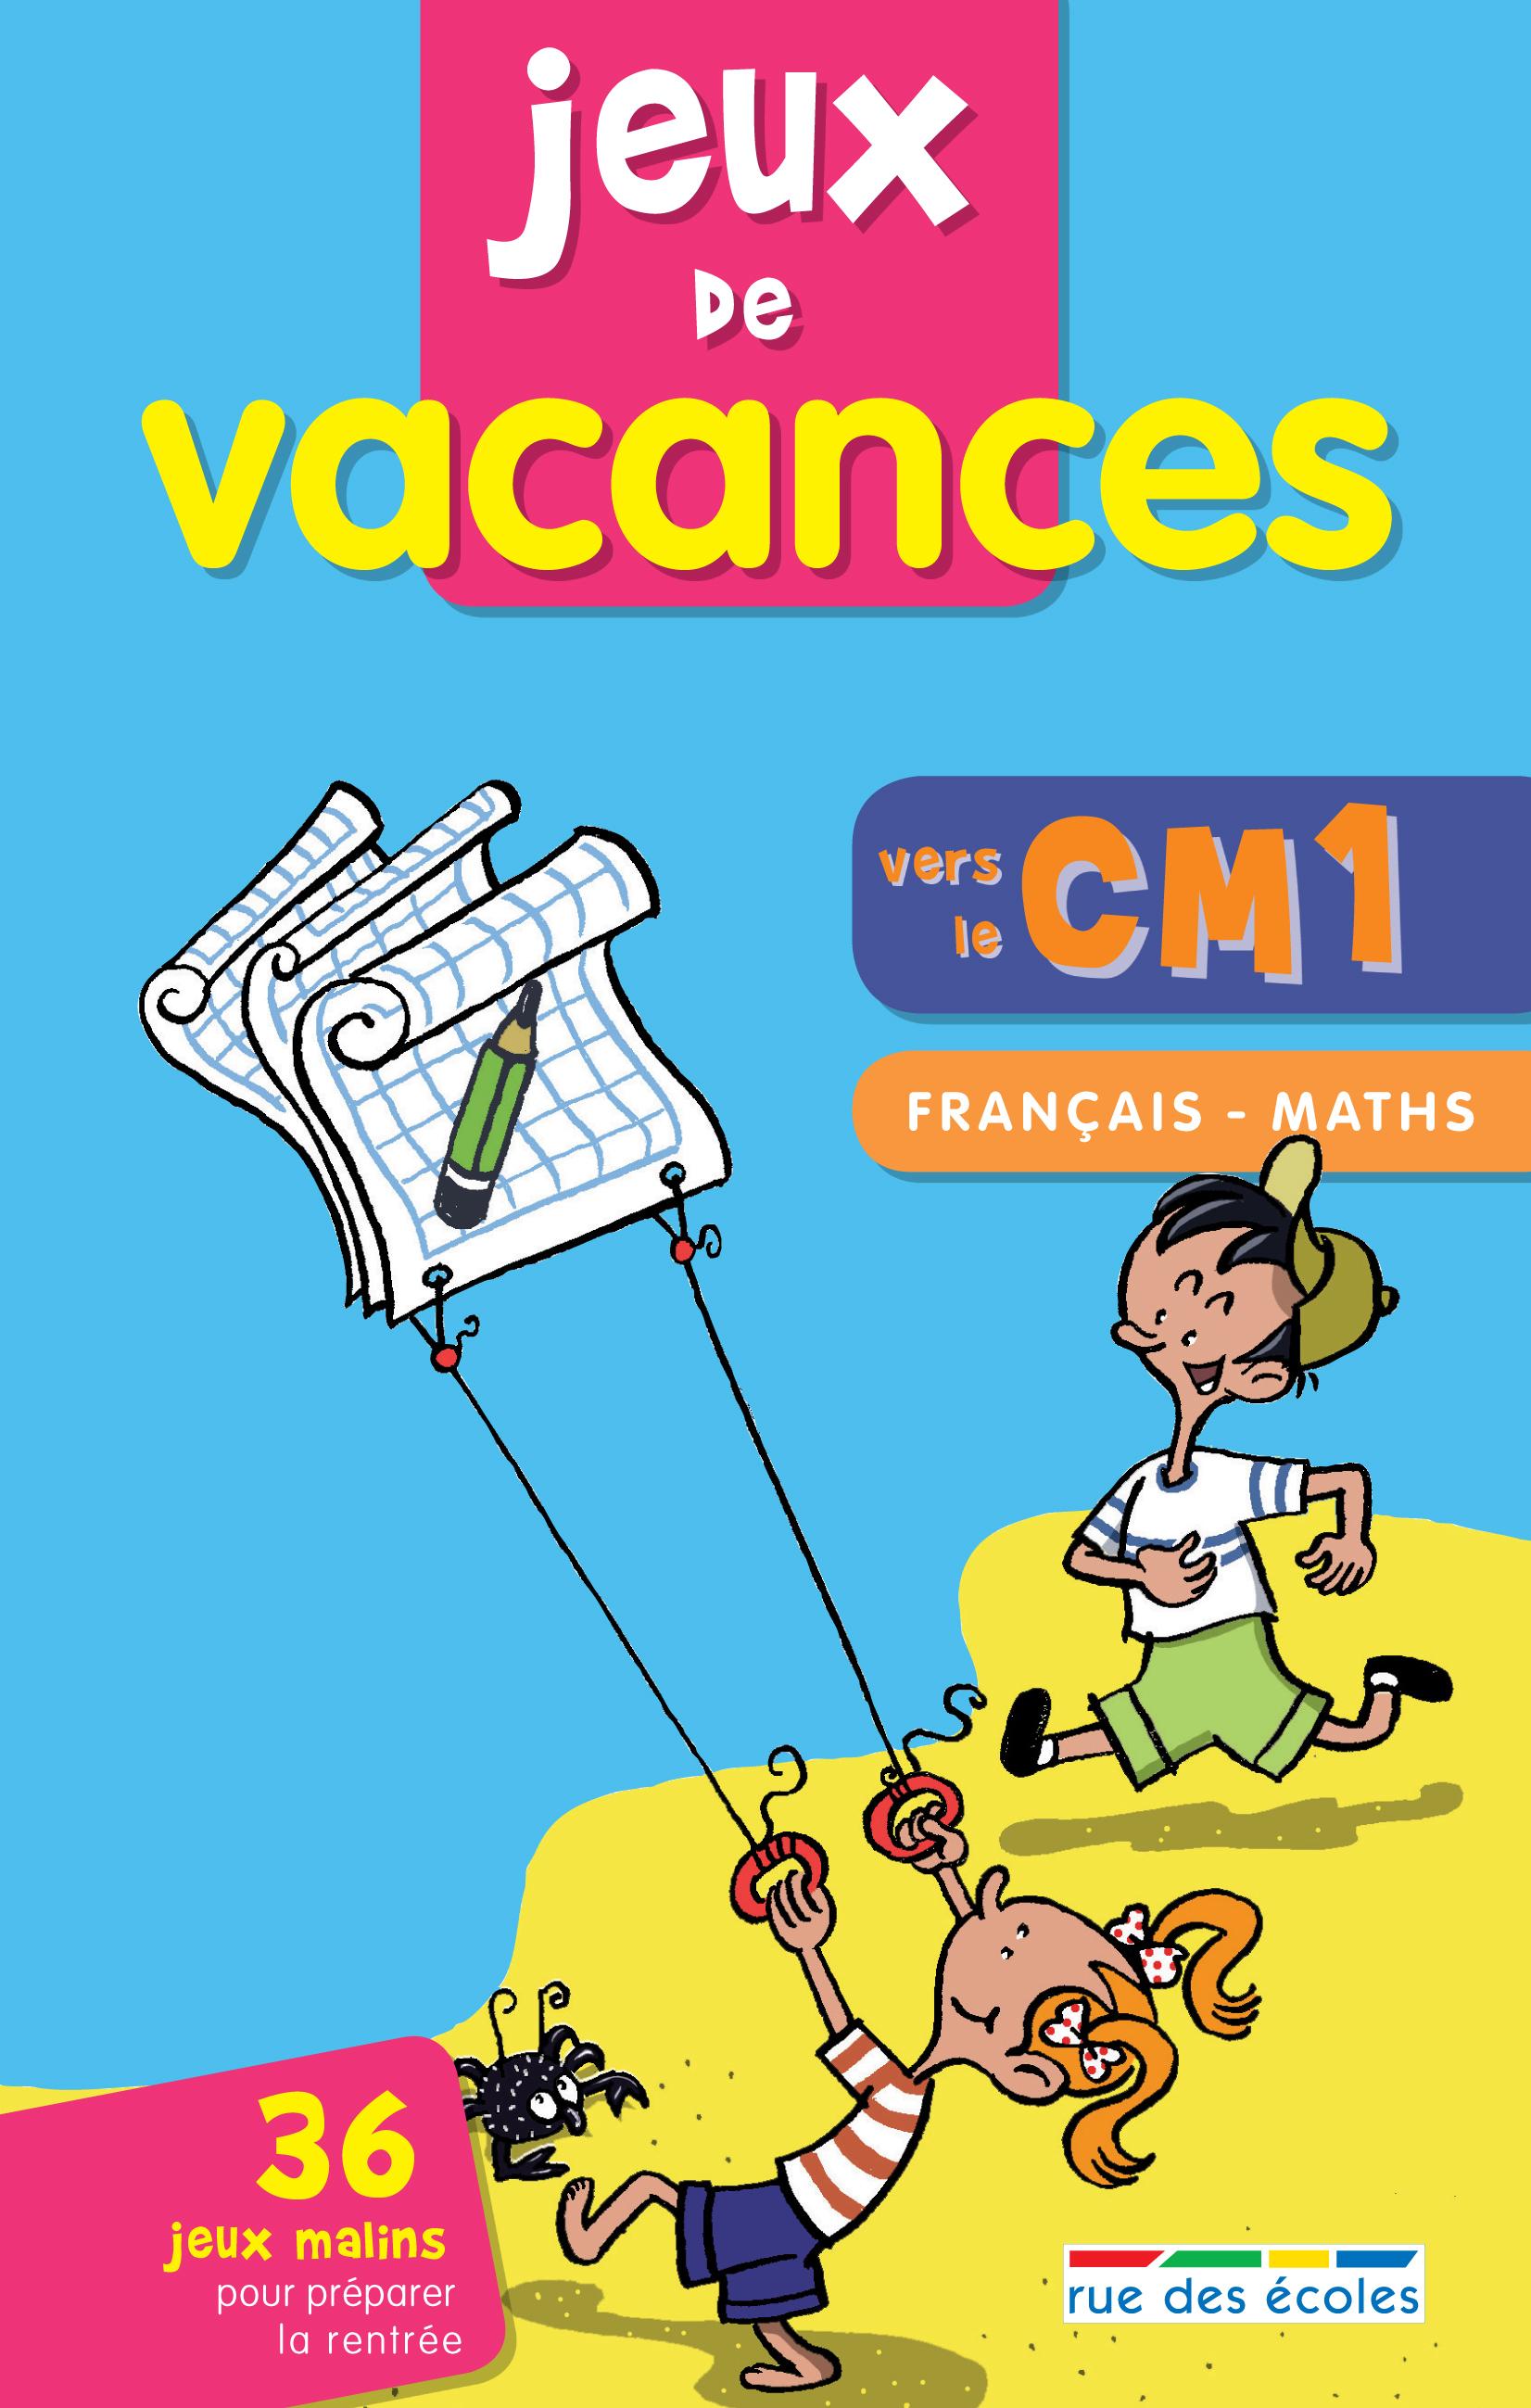 JEUX DE VACANCES VERS LE CM1